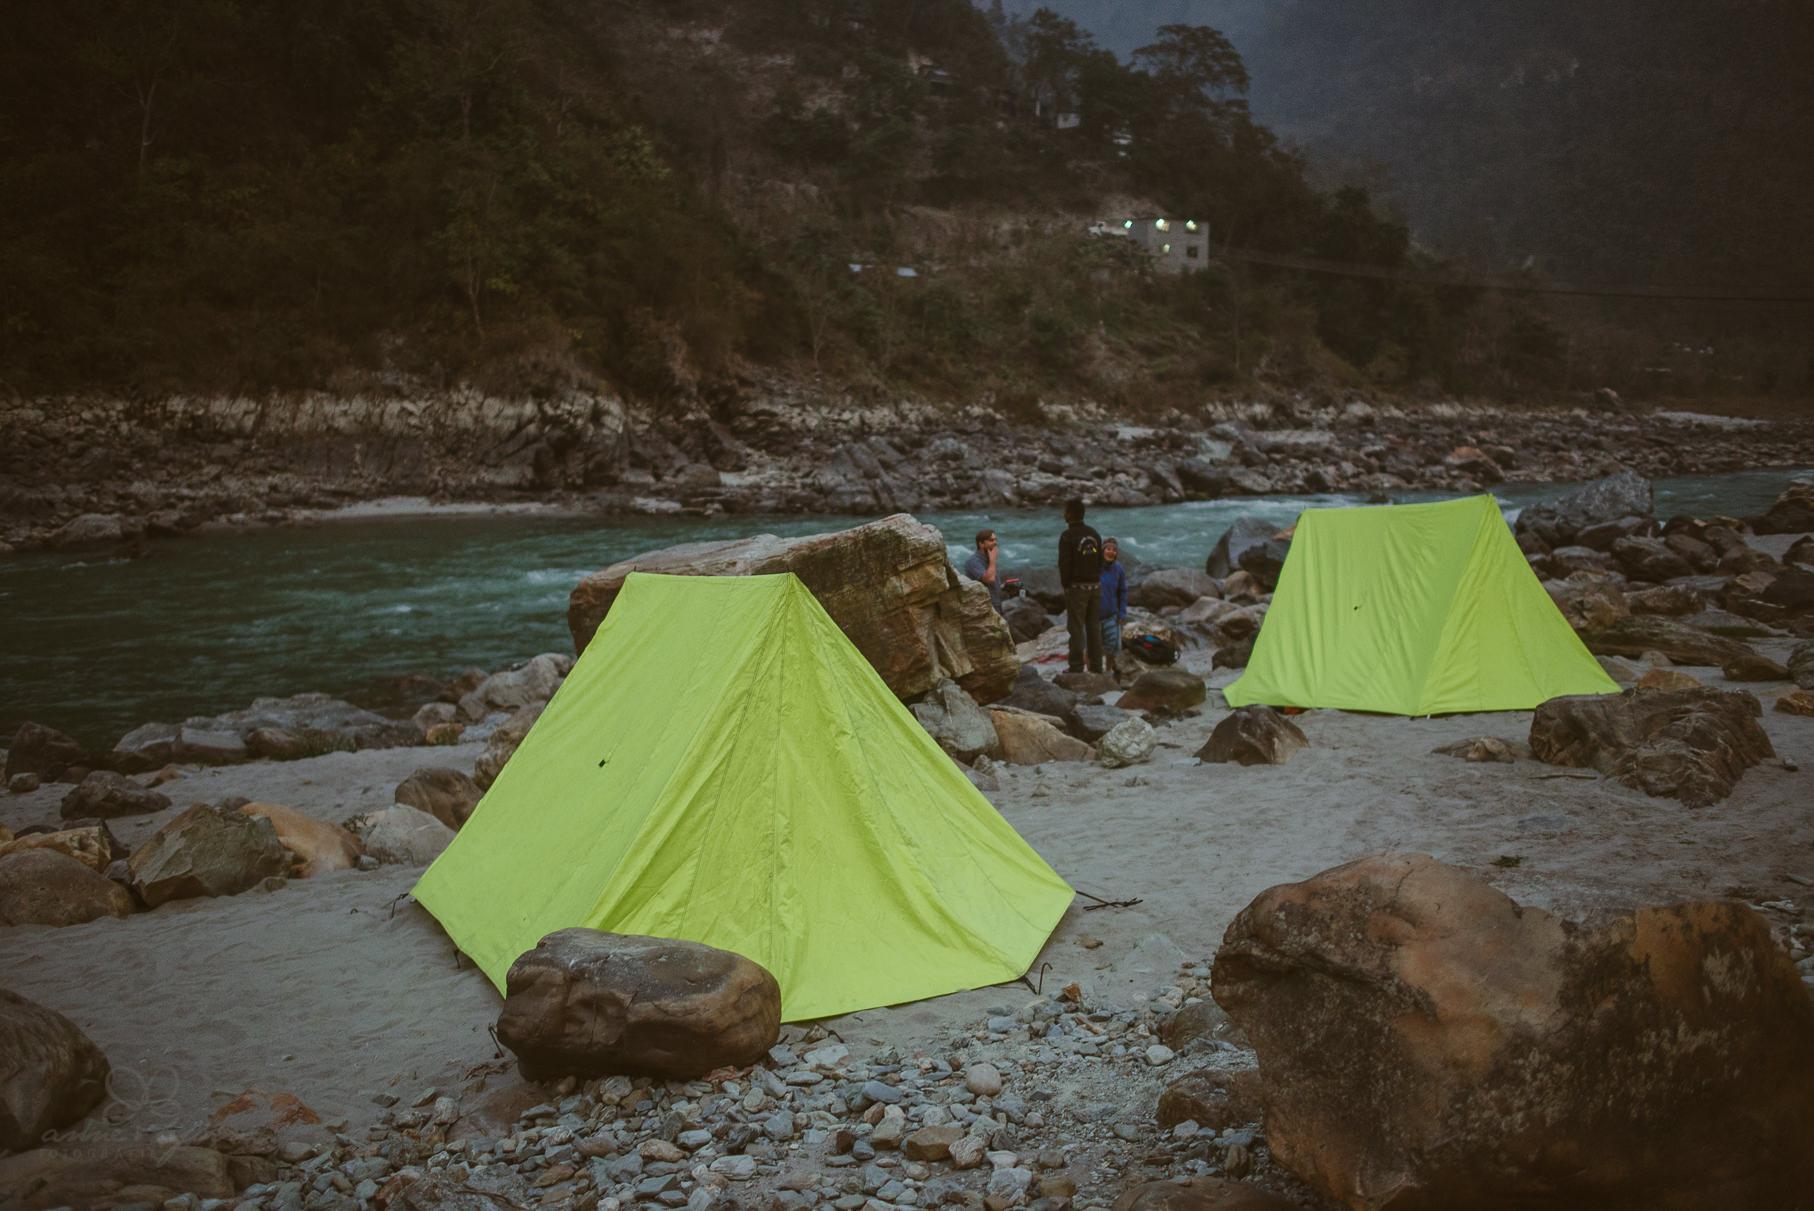 0011 anne und bjoern chitwan nationalpark nepal d75 4817 2 - Nepal Teil 3 - Roadtrip, Chitwan Nationalpark und eine spontane Hochzeit